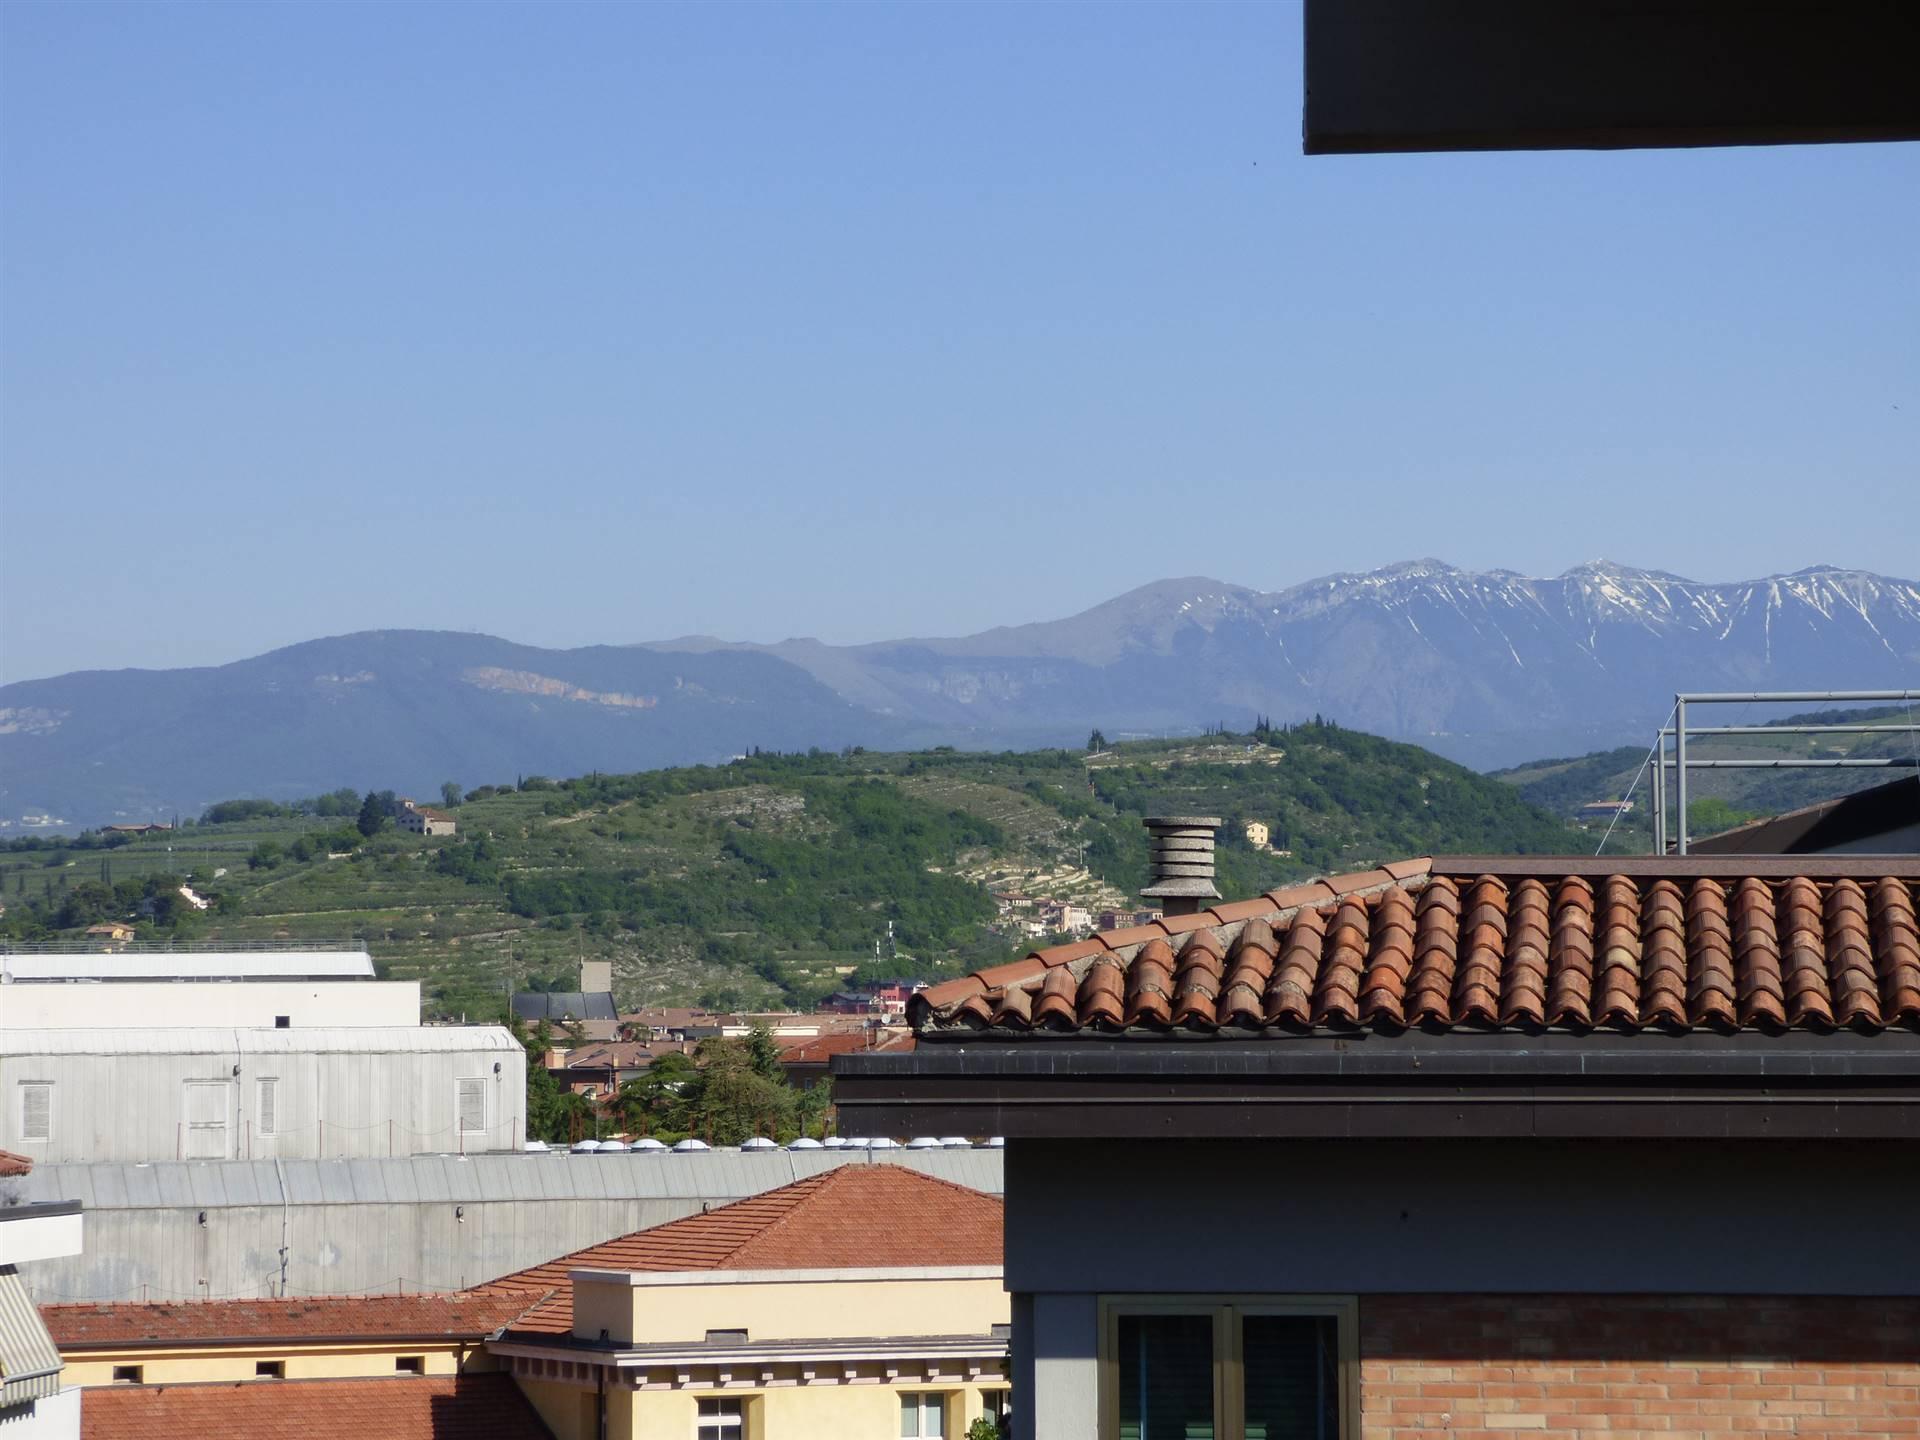 Appartamento in affitto a Verona, 8 locali, zona Zona: 3 . Borgo Trento, prezzo € 1.650   CambioCasa.it